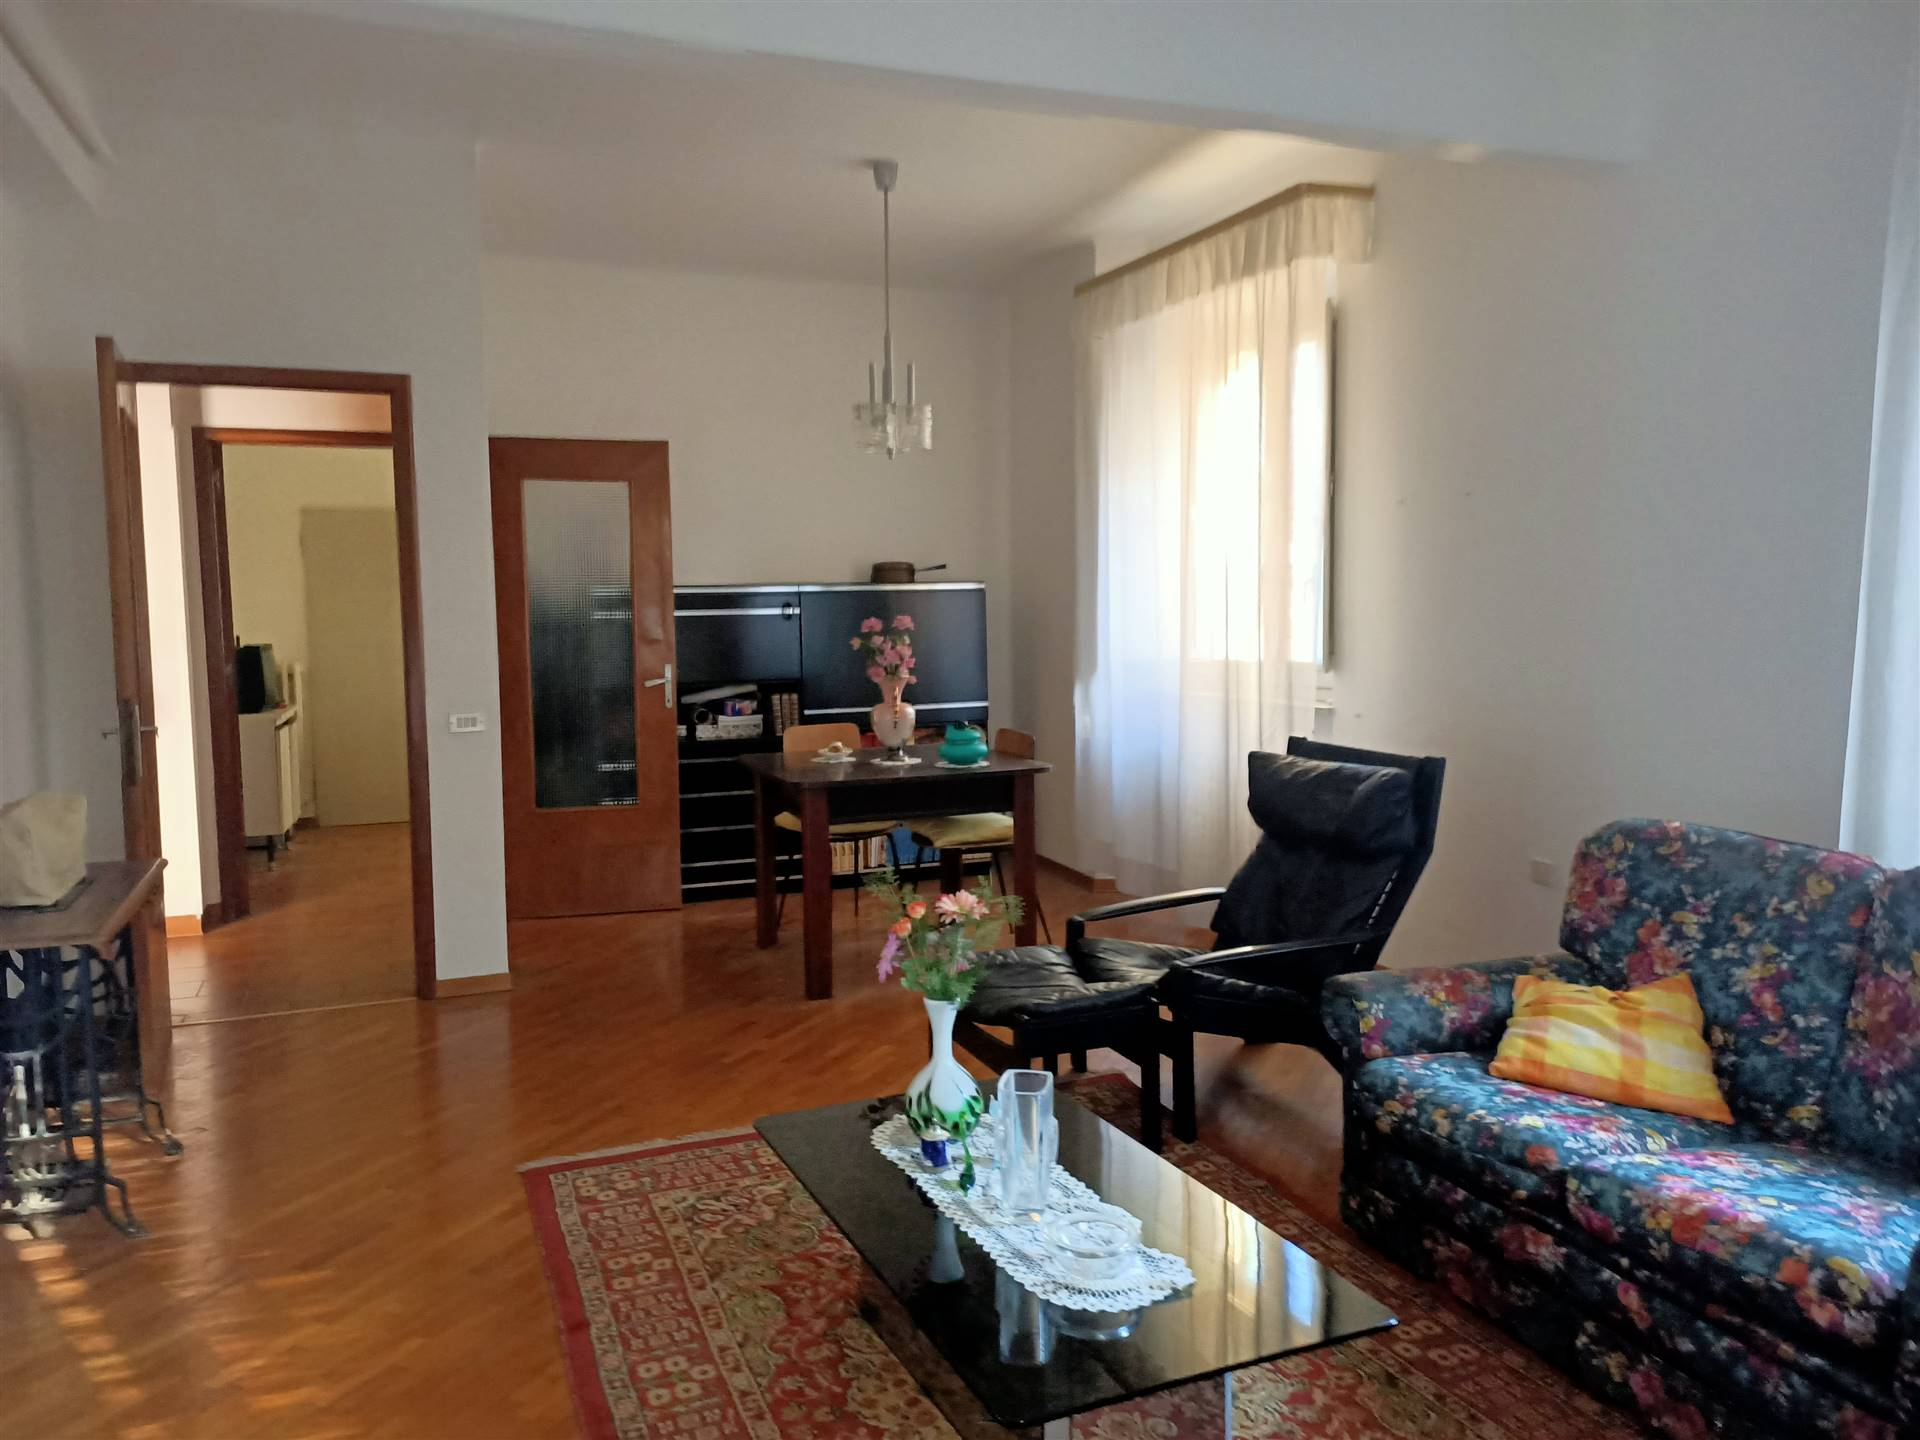 OSIMO-CENTRO, OSIMO, Wohnung zu verkaufen von 128 Qm, Bewohnbar, Heizung Unabhaengig, am boden 2° auf 2, zusammengestellt von: 7 Raume, Separate